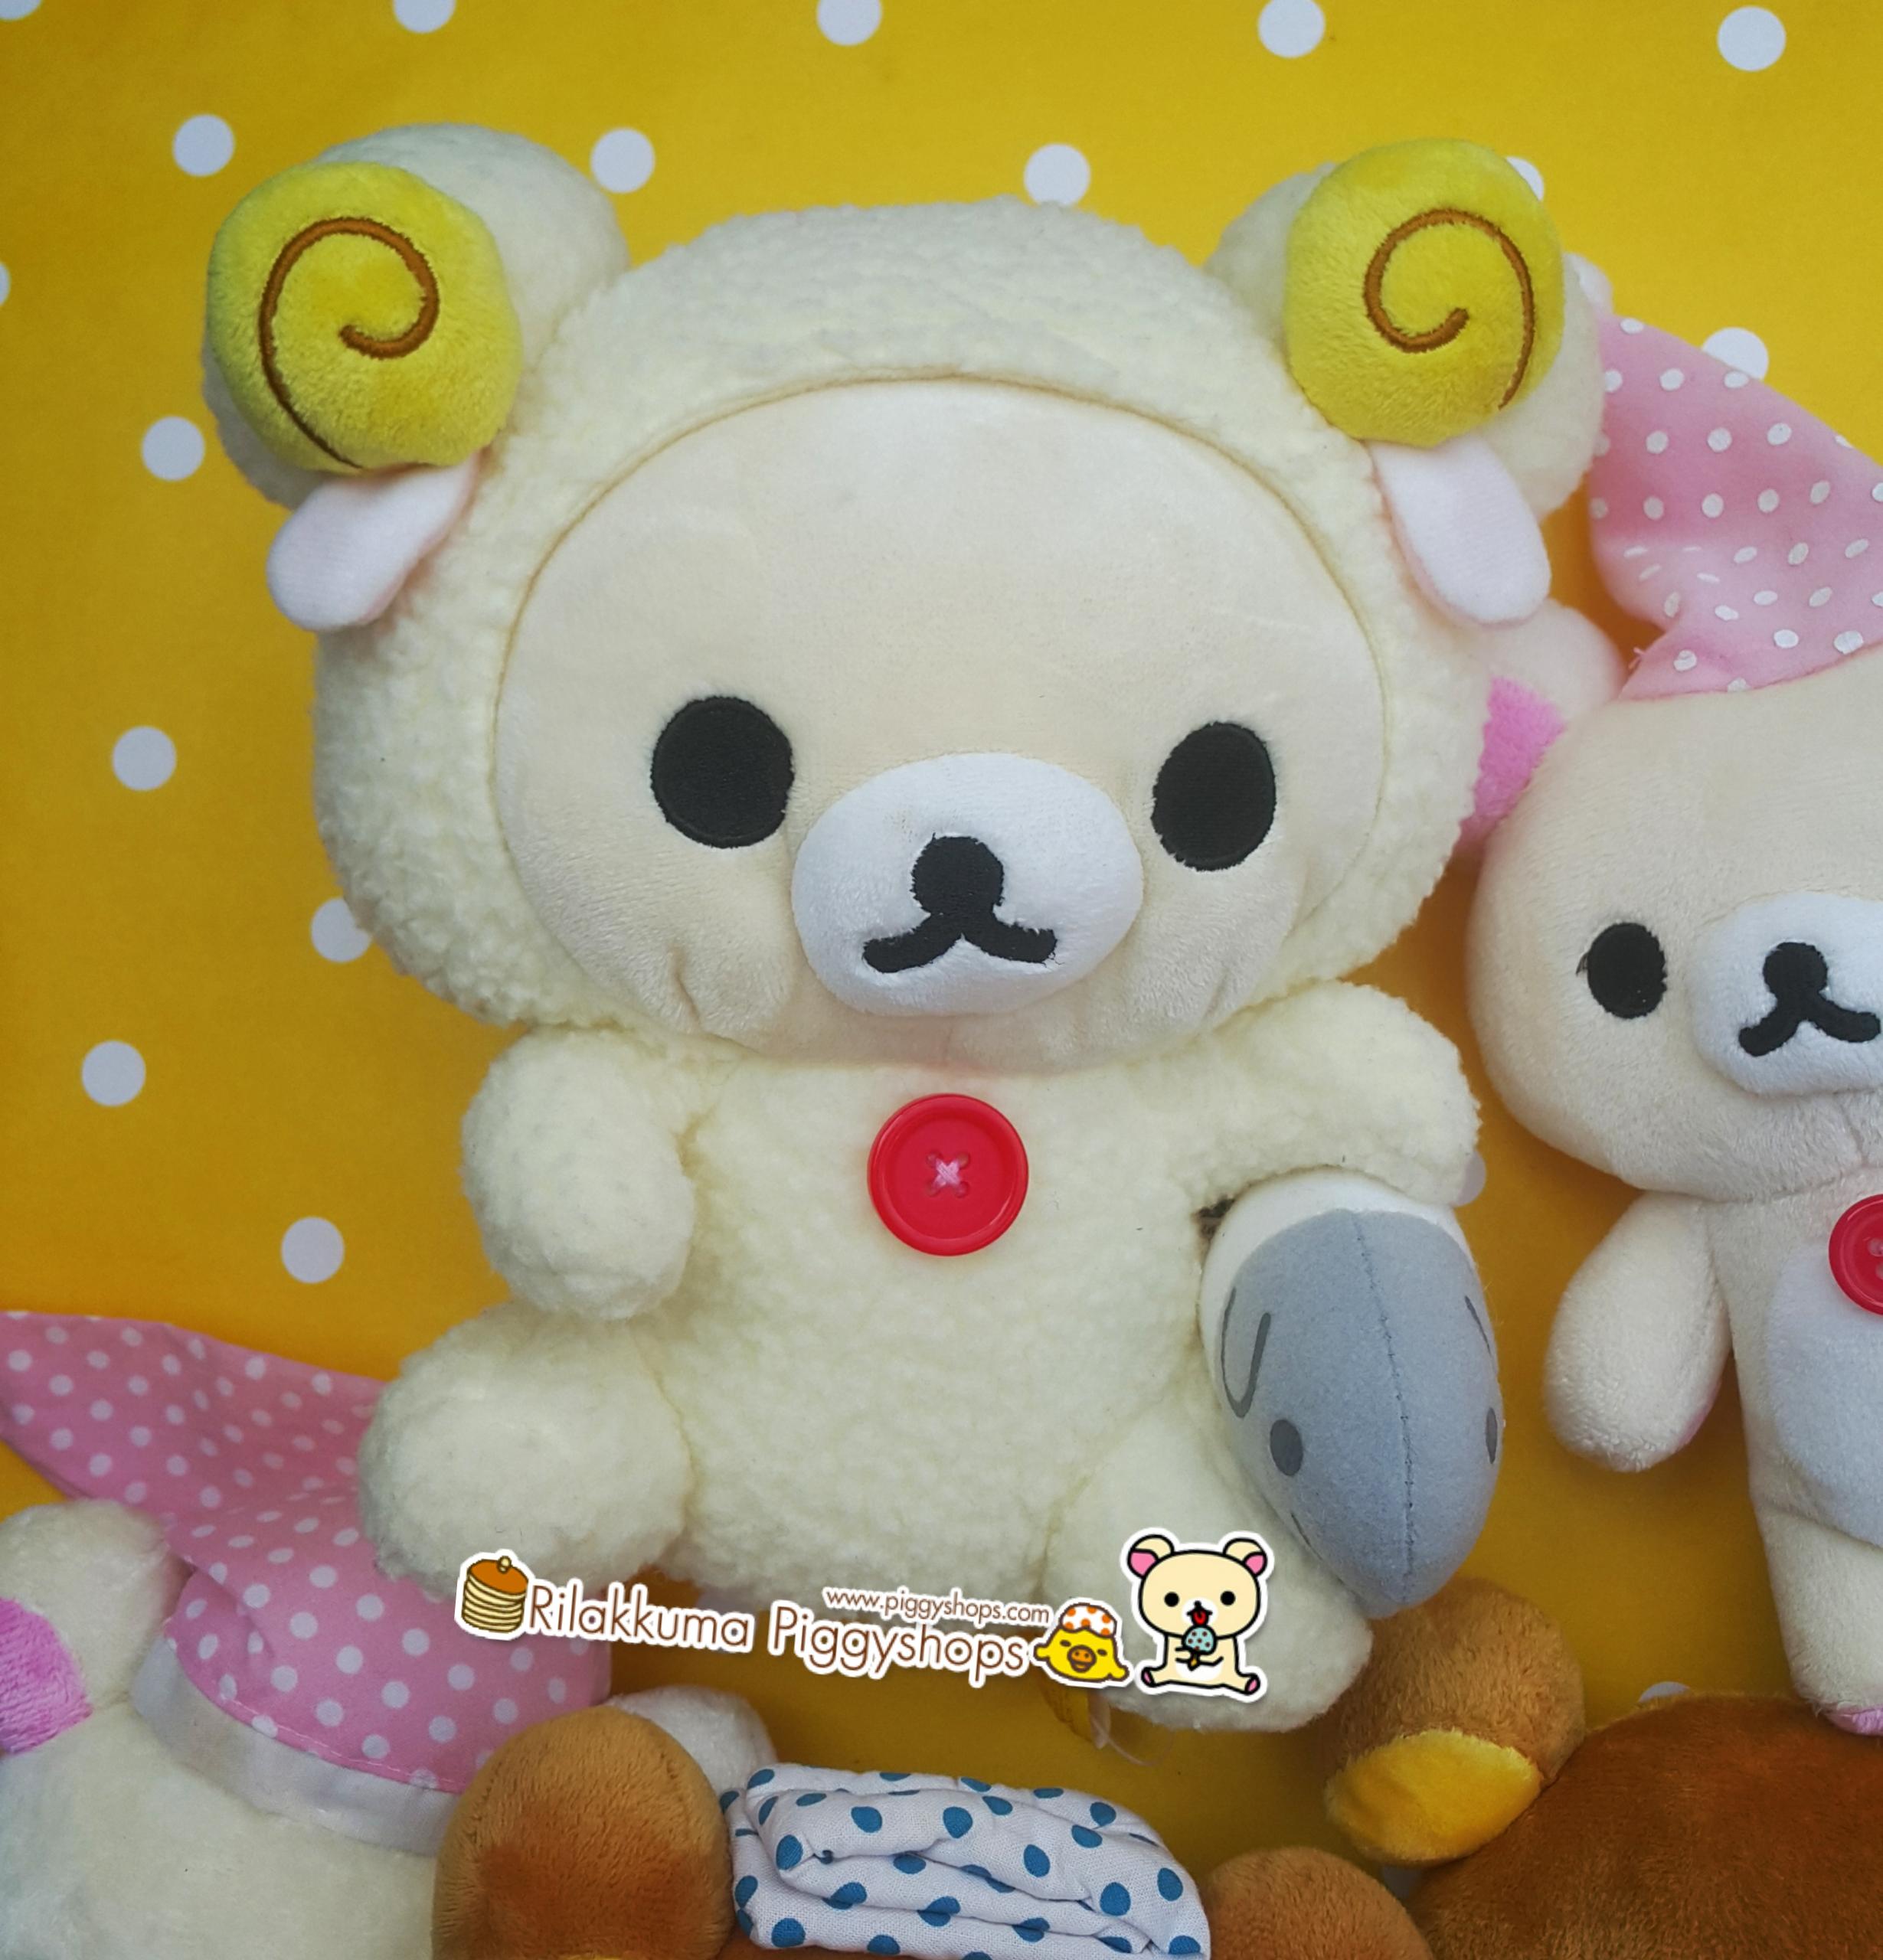 ตุ๊กตาหมีโครีแลคคุมะ / โคริลัคคุมะ / โคริ / โคะริ ชุดแกะ San-x Korilakkuma Sheep (Good Night theme 2006)